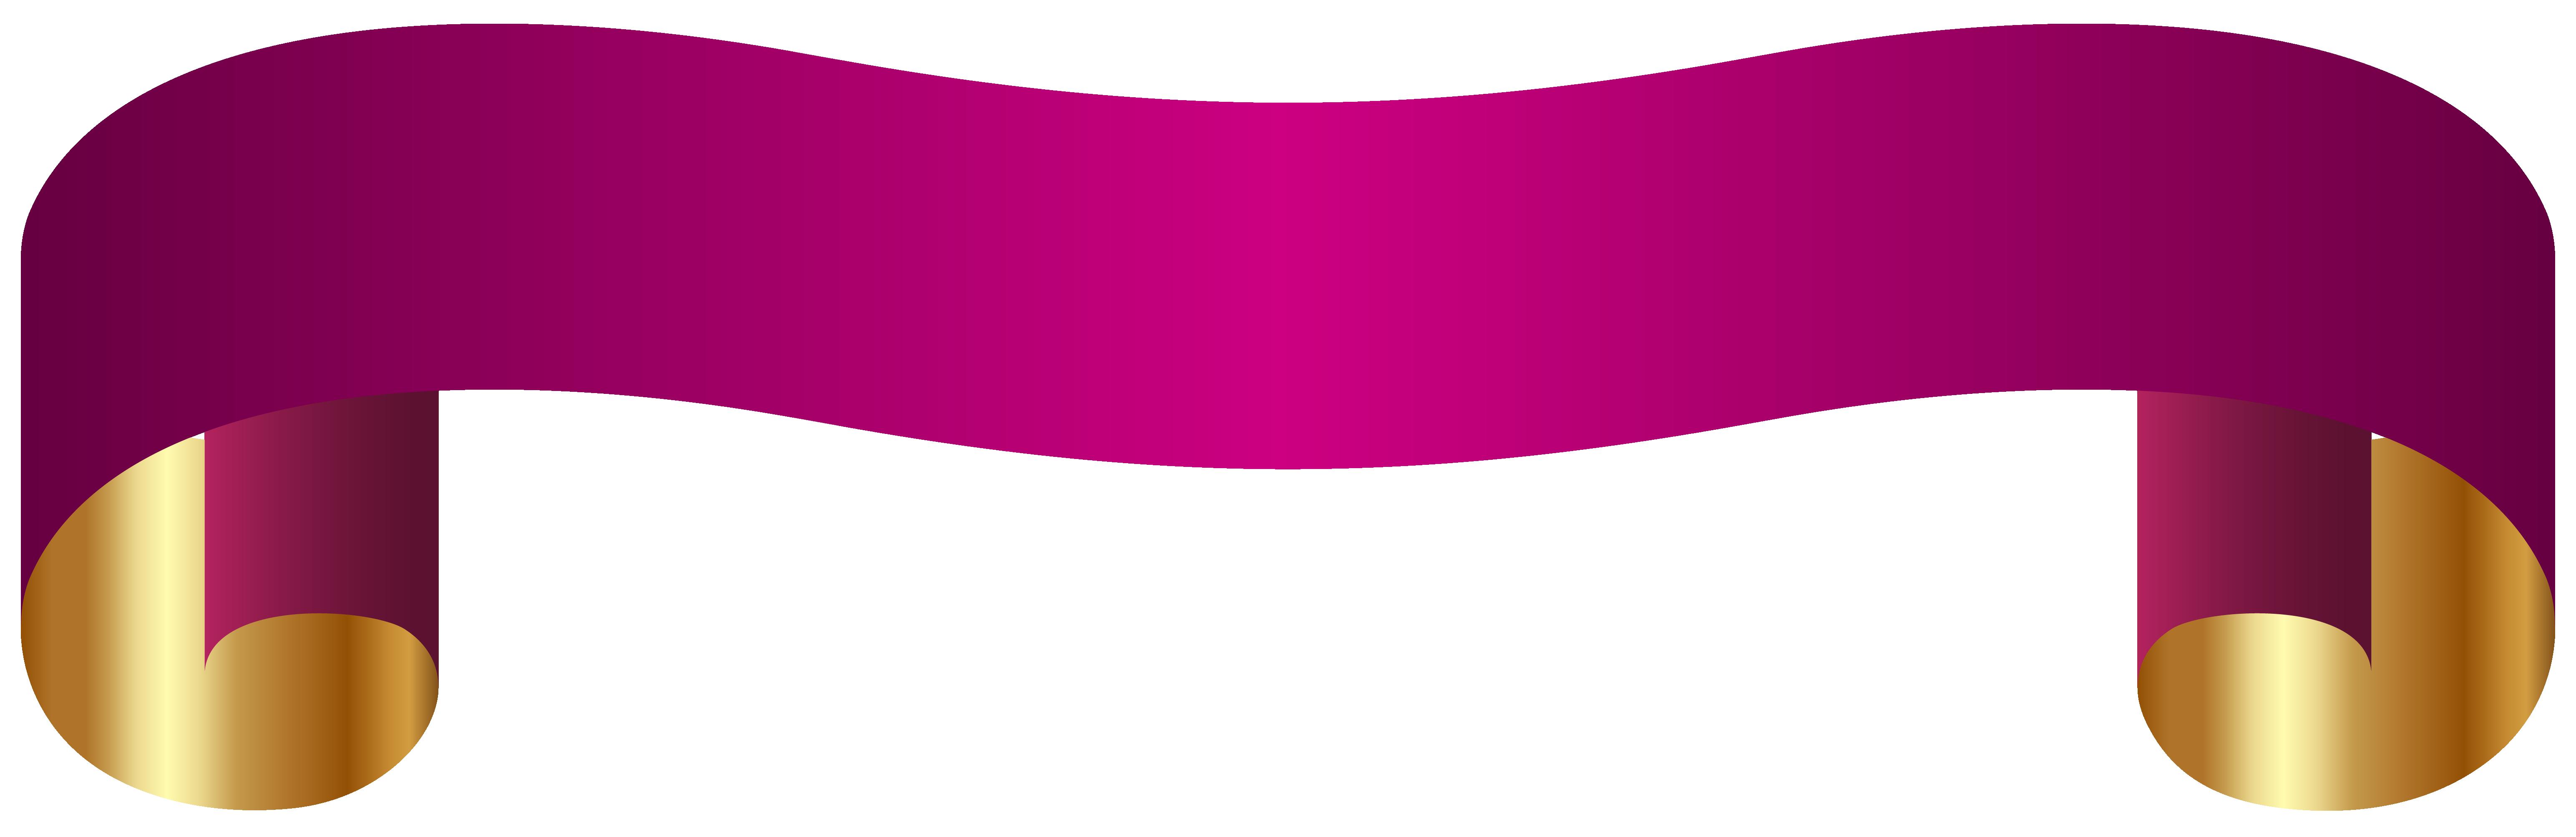 Banner Transparent PNG Clip Art Image.